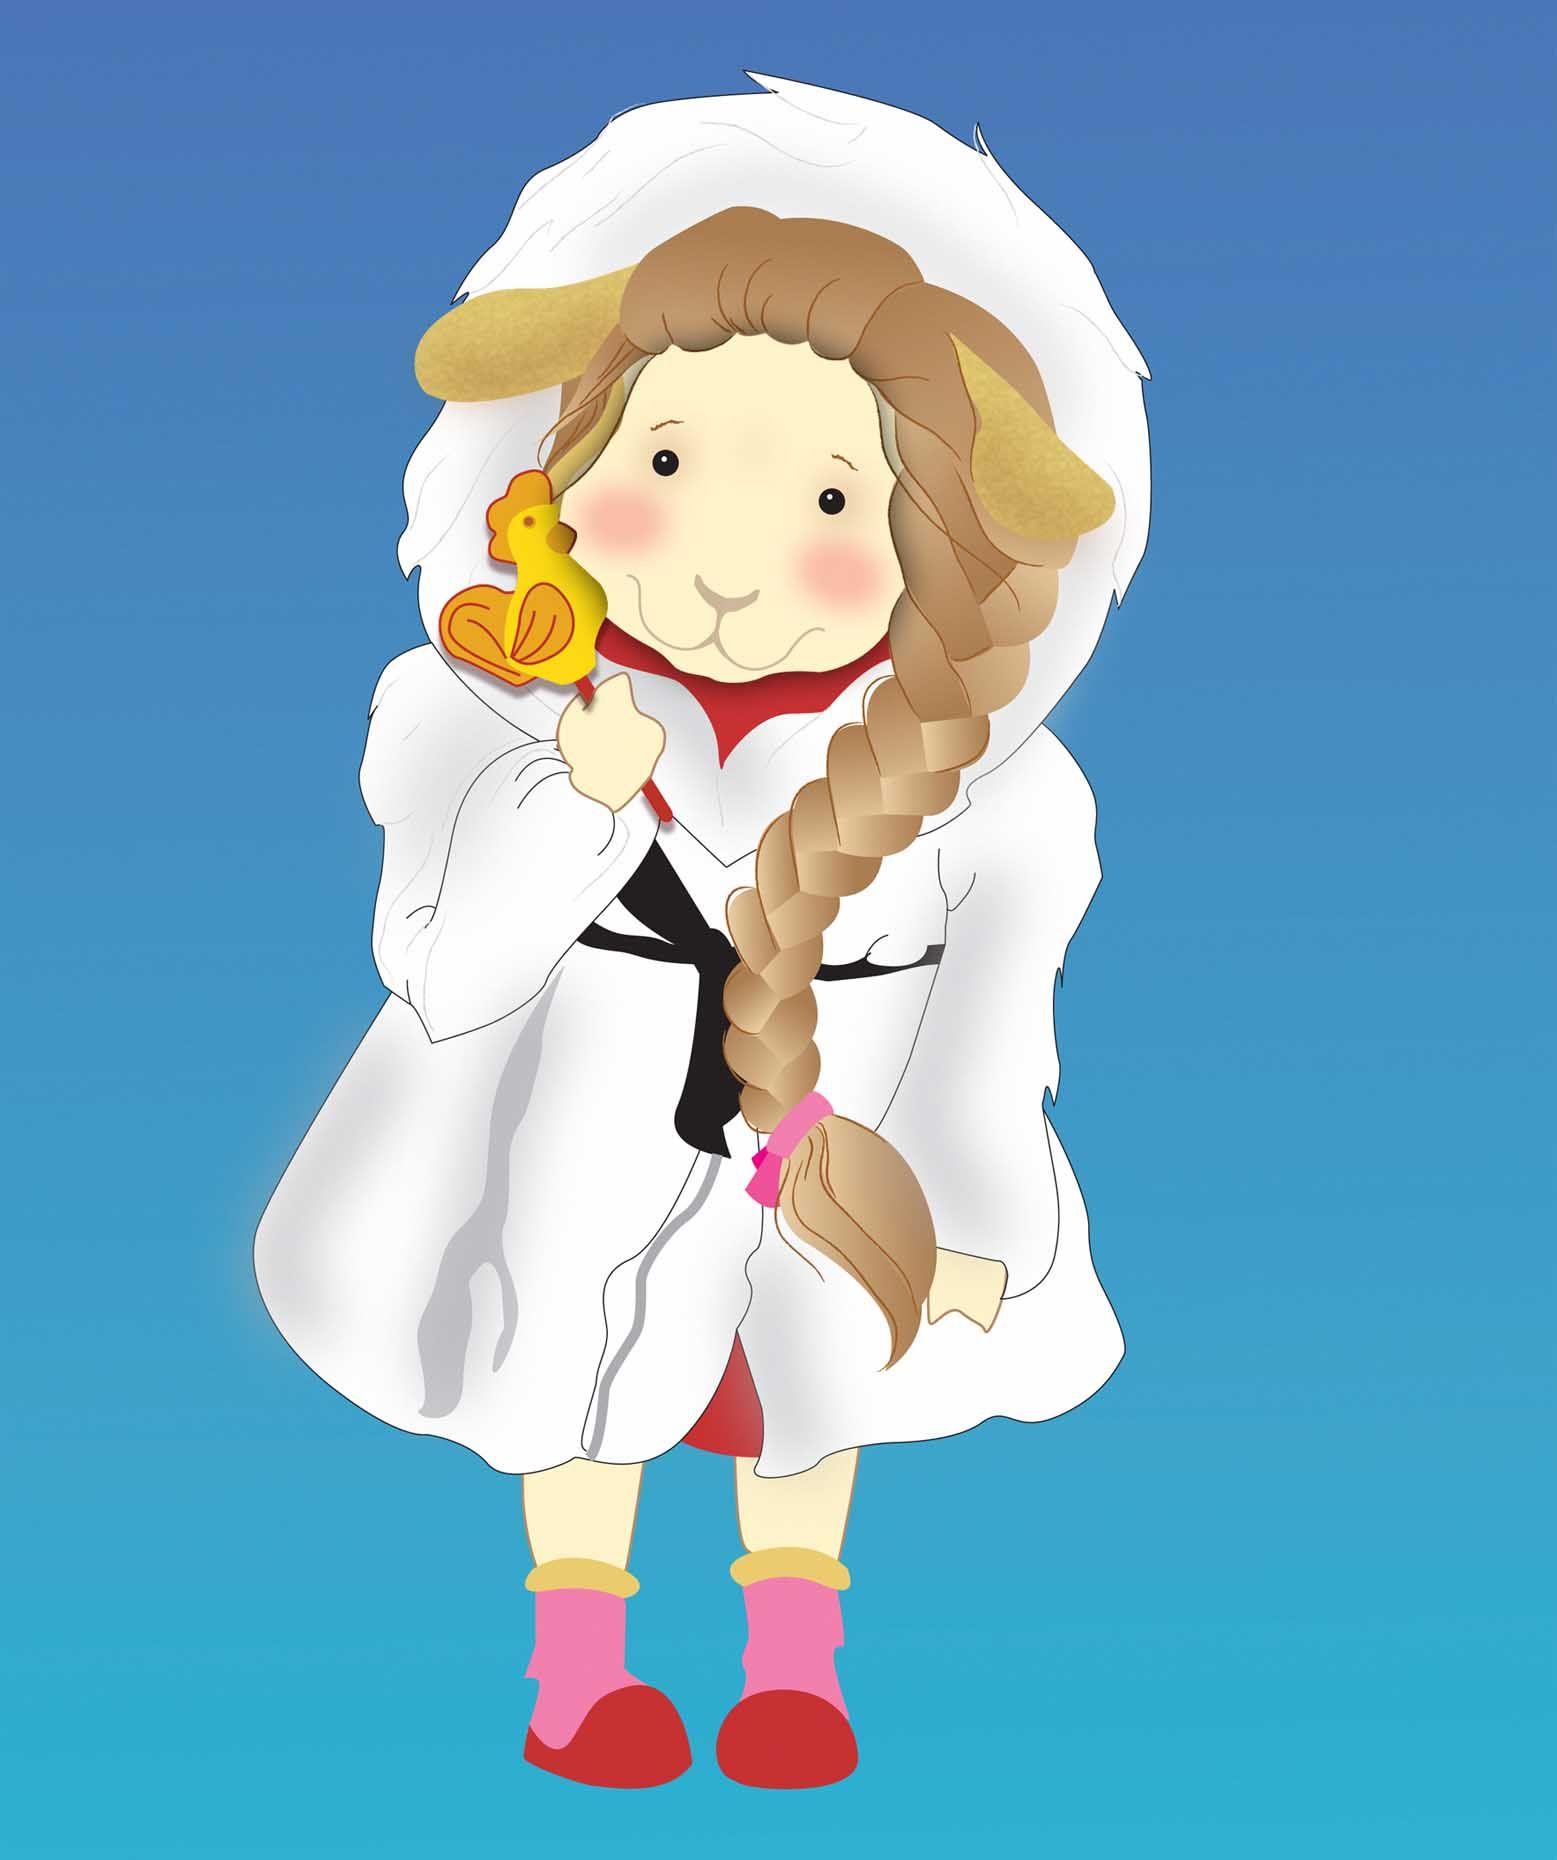 Иллюстрация персонажа - дизайнер Ravenrowan